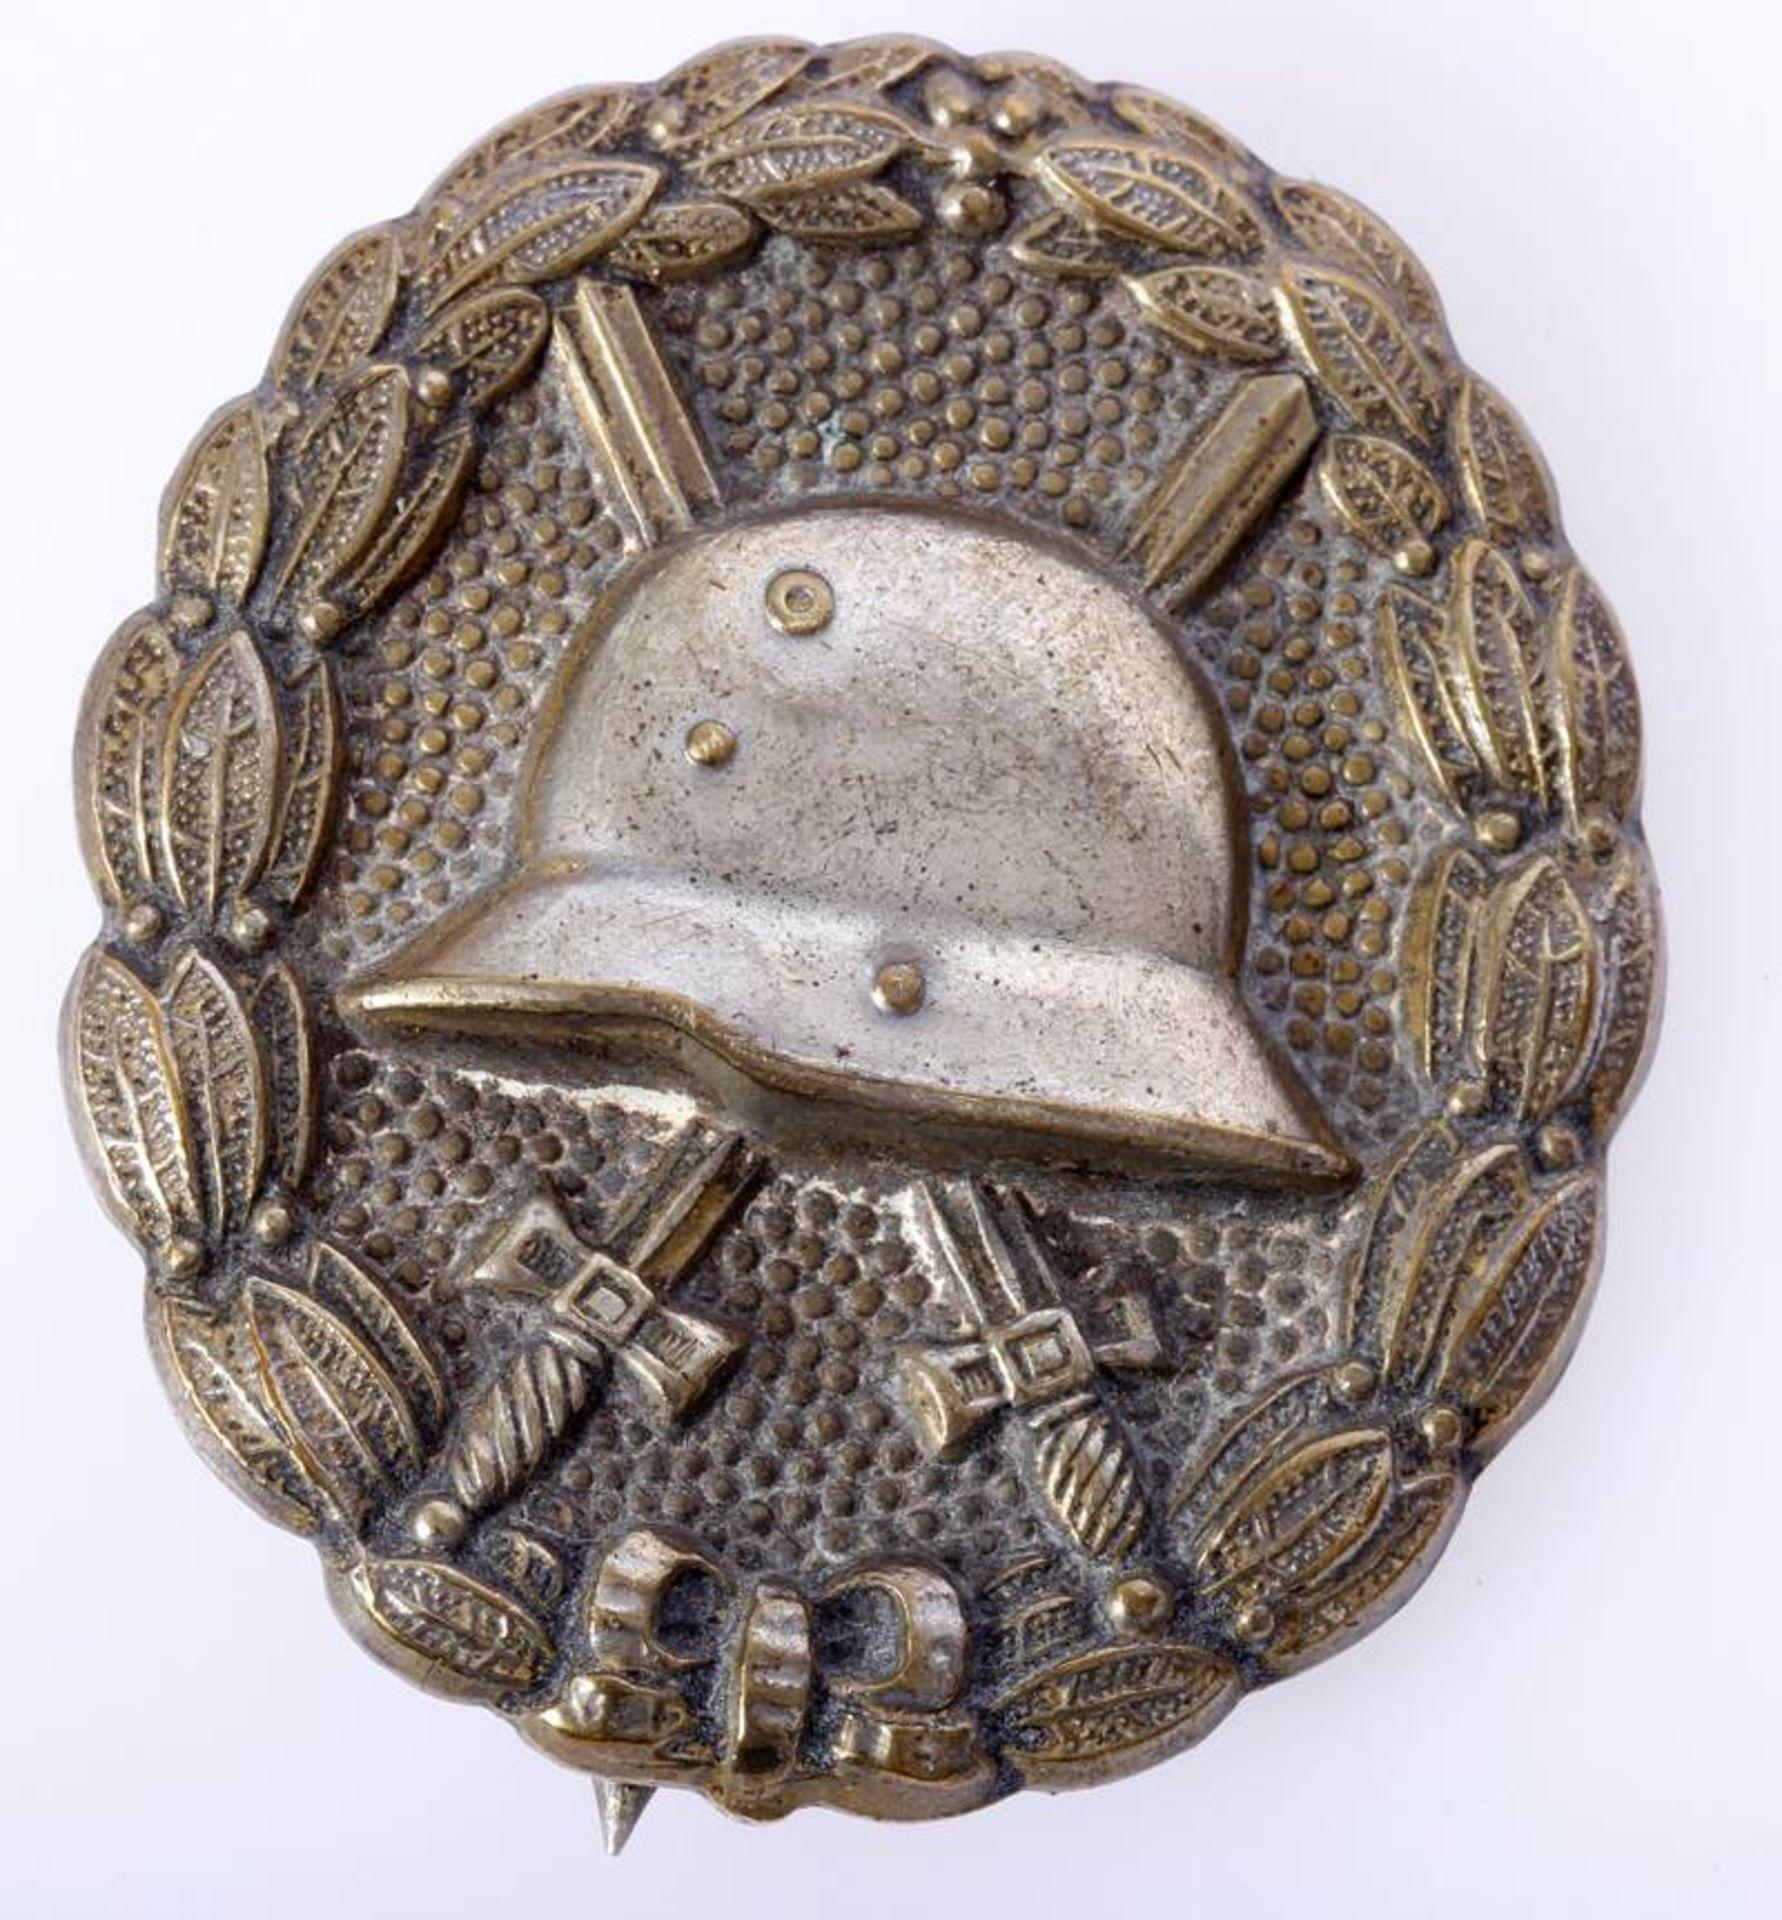 Verwundetenabzeichen Armee und Kolonialtruppen 1918 in SilberAbzeichen hohl geprägt mit breiter